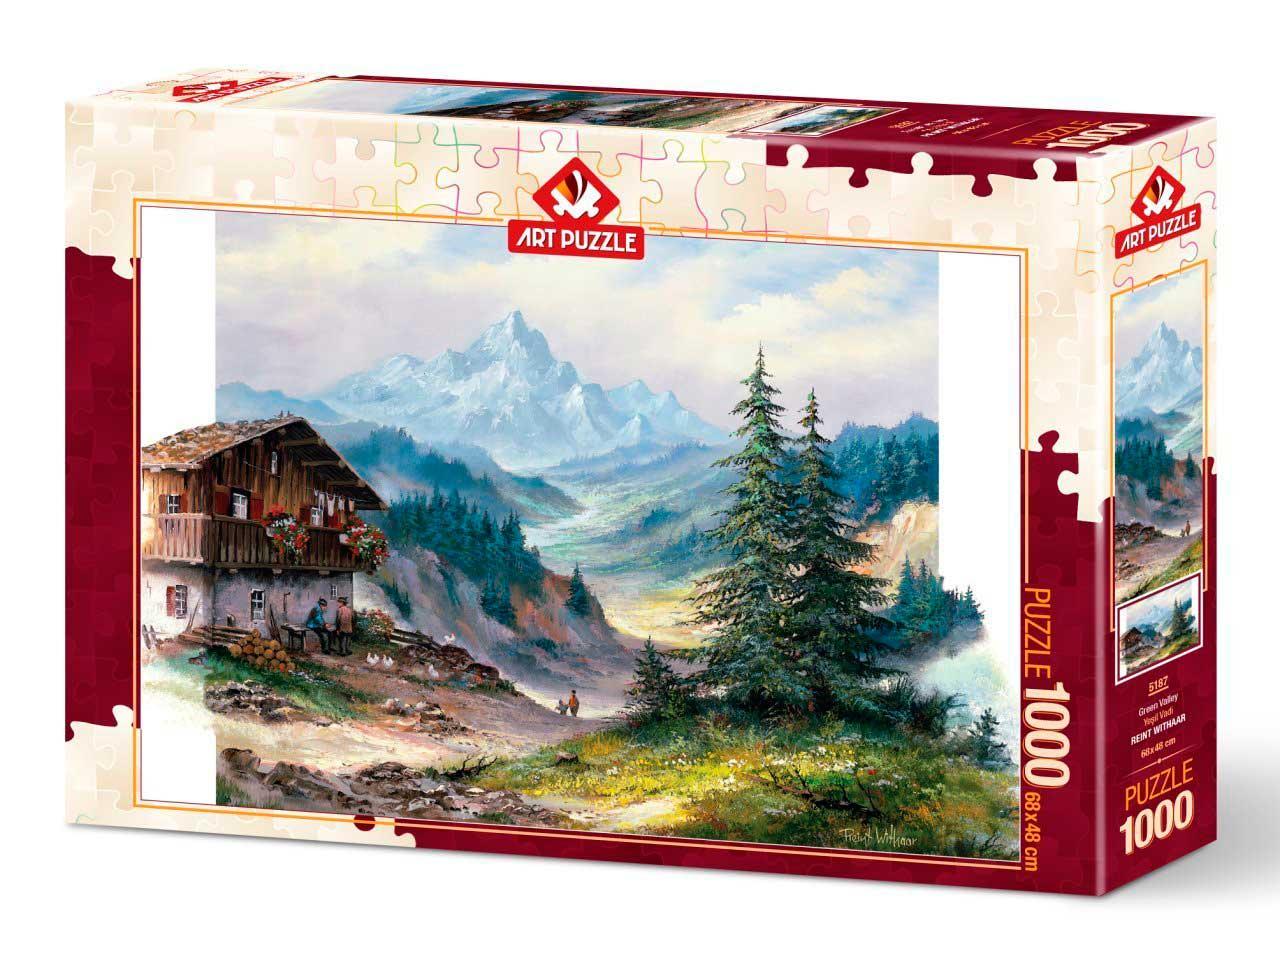 Puzzle Art Puzzle El Valle Verde de 1000 Piezas